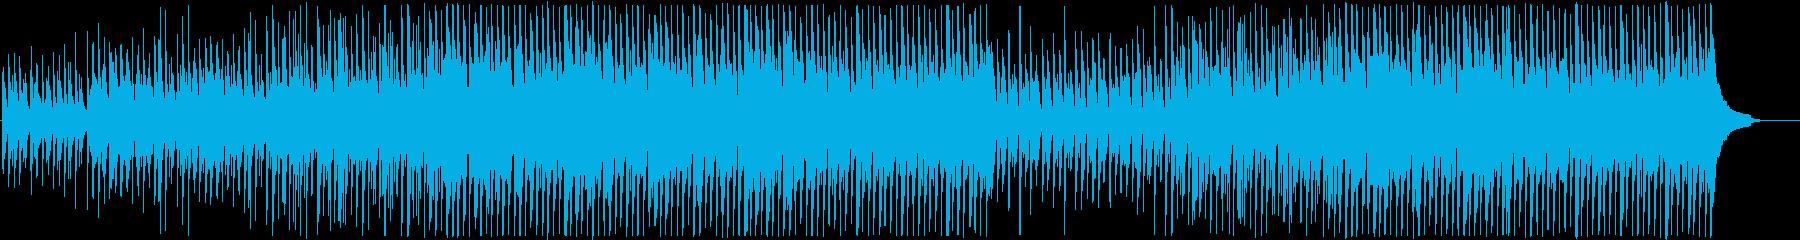 ピアノとウクレレがメインのハッピーな曲の再生済みの波形